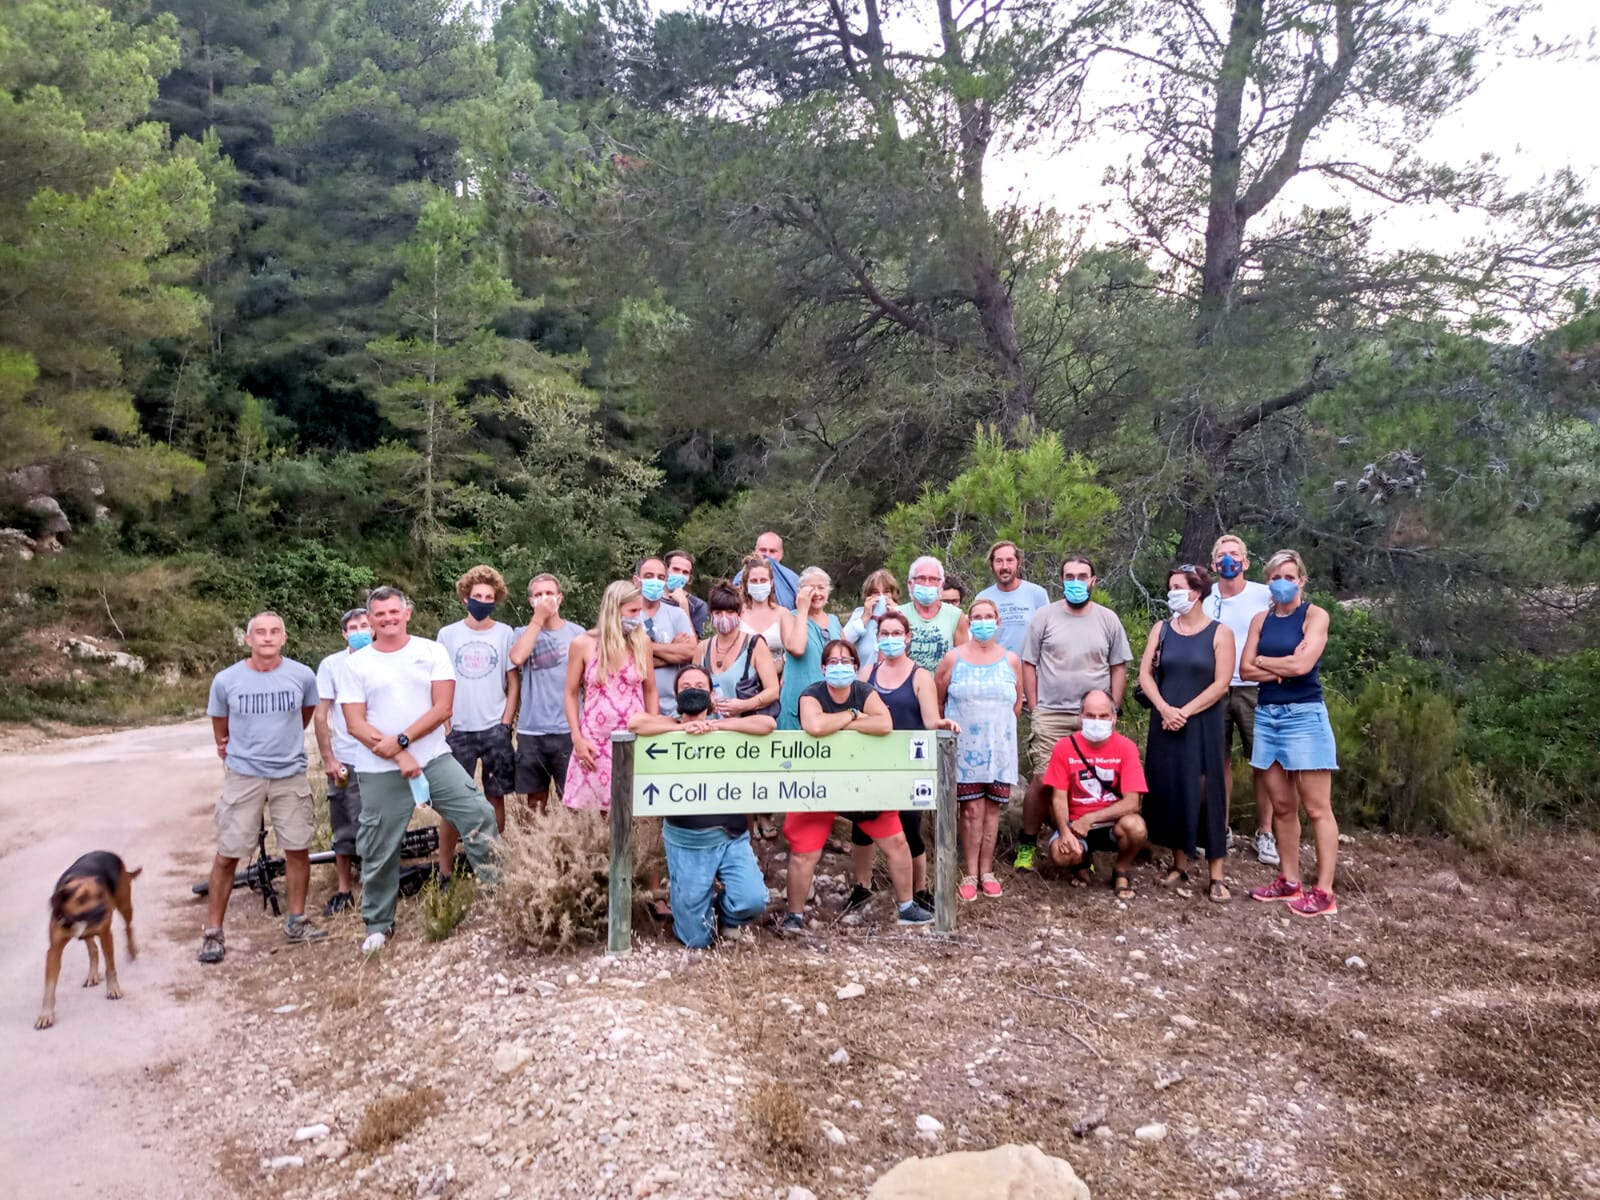 Membres de la plataforma Salvem Torrefullola i la Mola, al Perelló i Tortosa, contraris al parc eòlic en la concentració del 10 d'agost